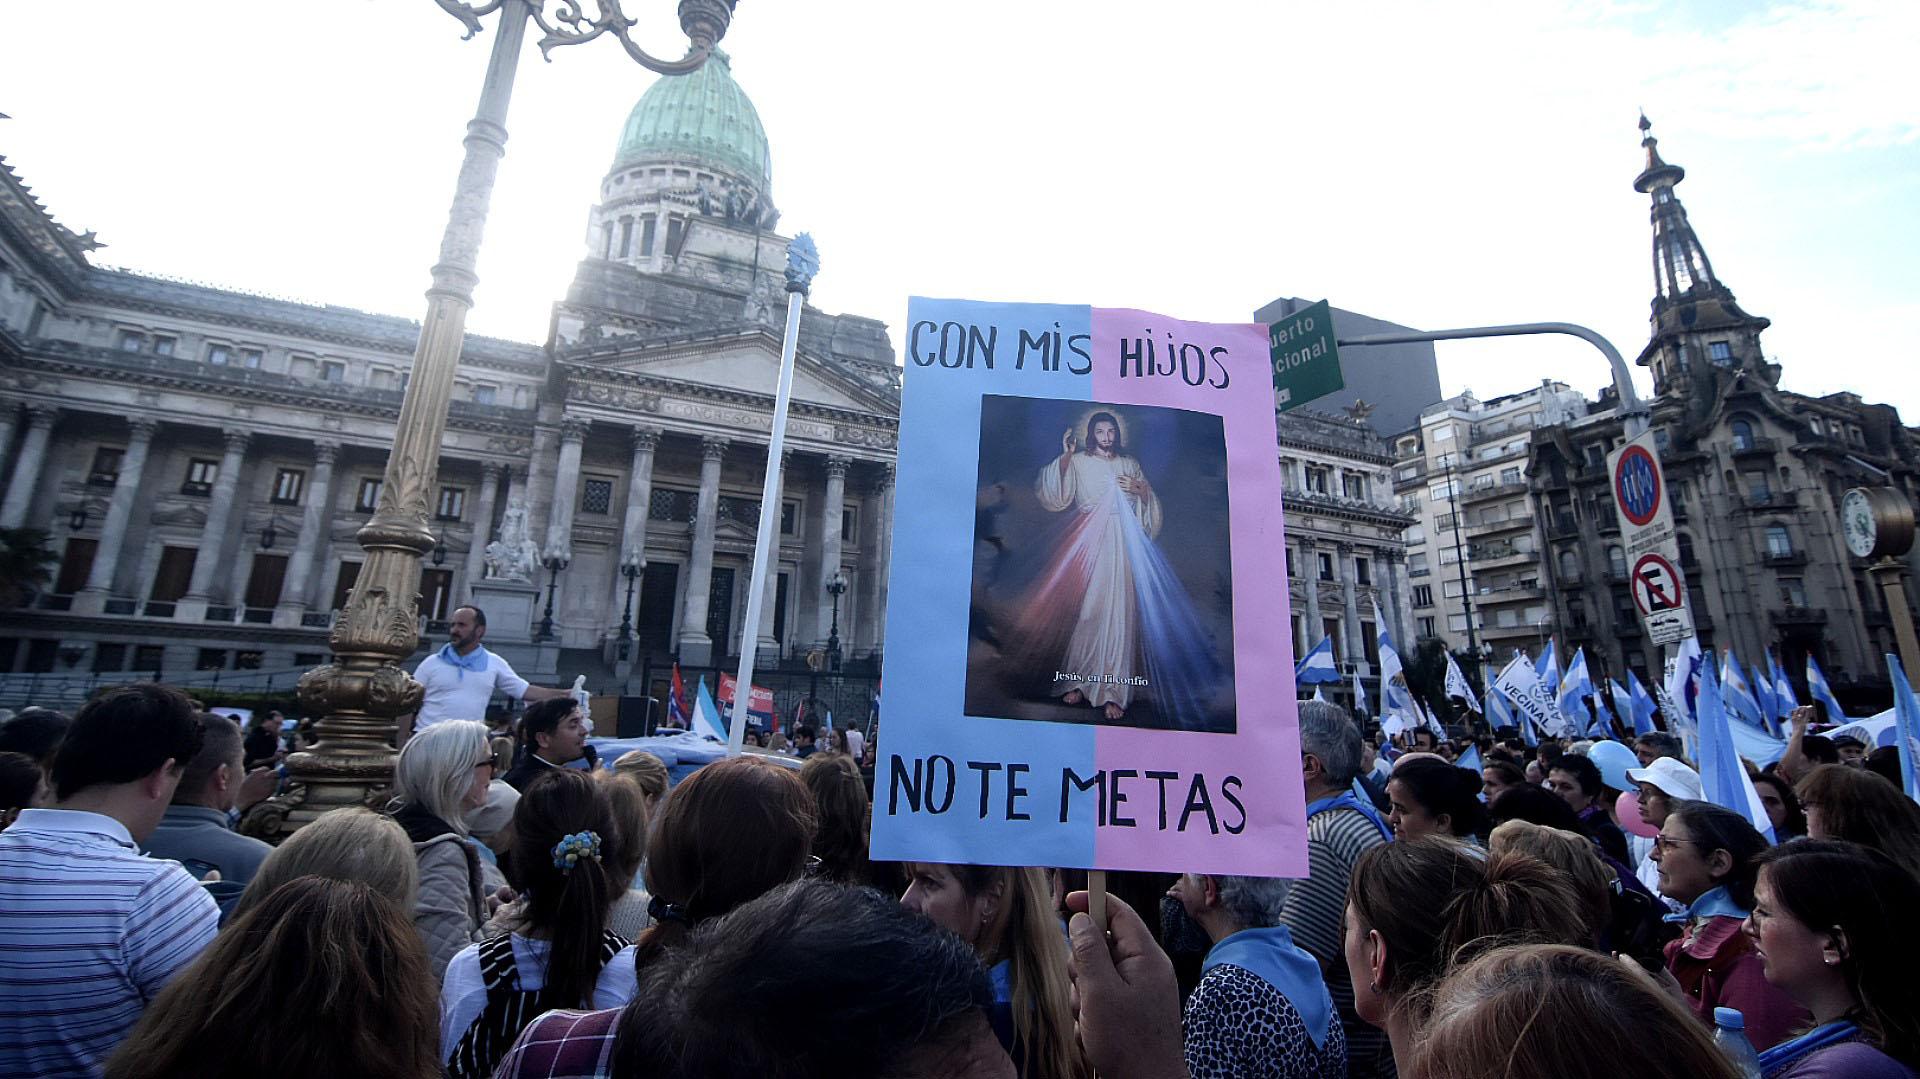 """Bajo el lema """"Con mis hijos no"""", una numerosa marcha tuvo lugar en la tarde del domingo frente al Congreso de la Nación (Fotos: Nicolás Stulberg)"""